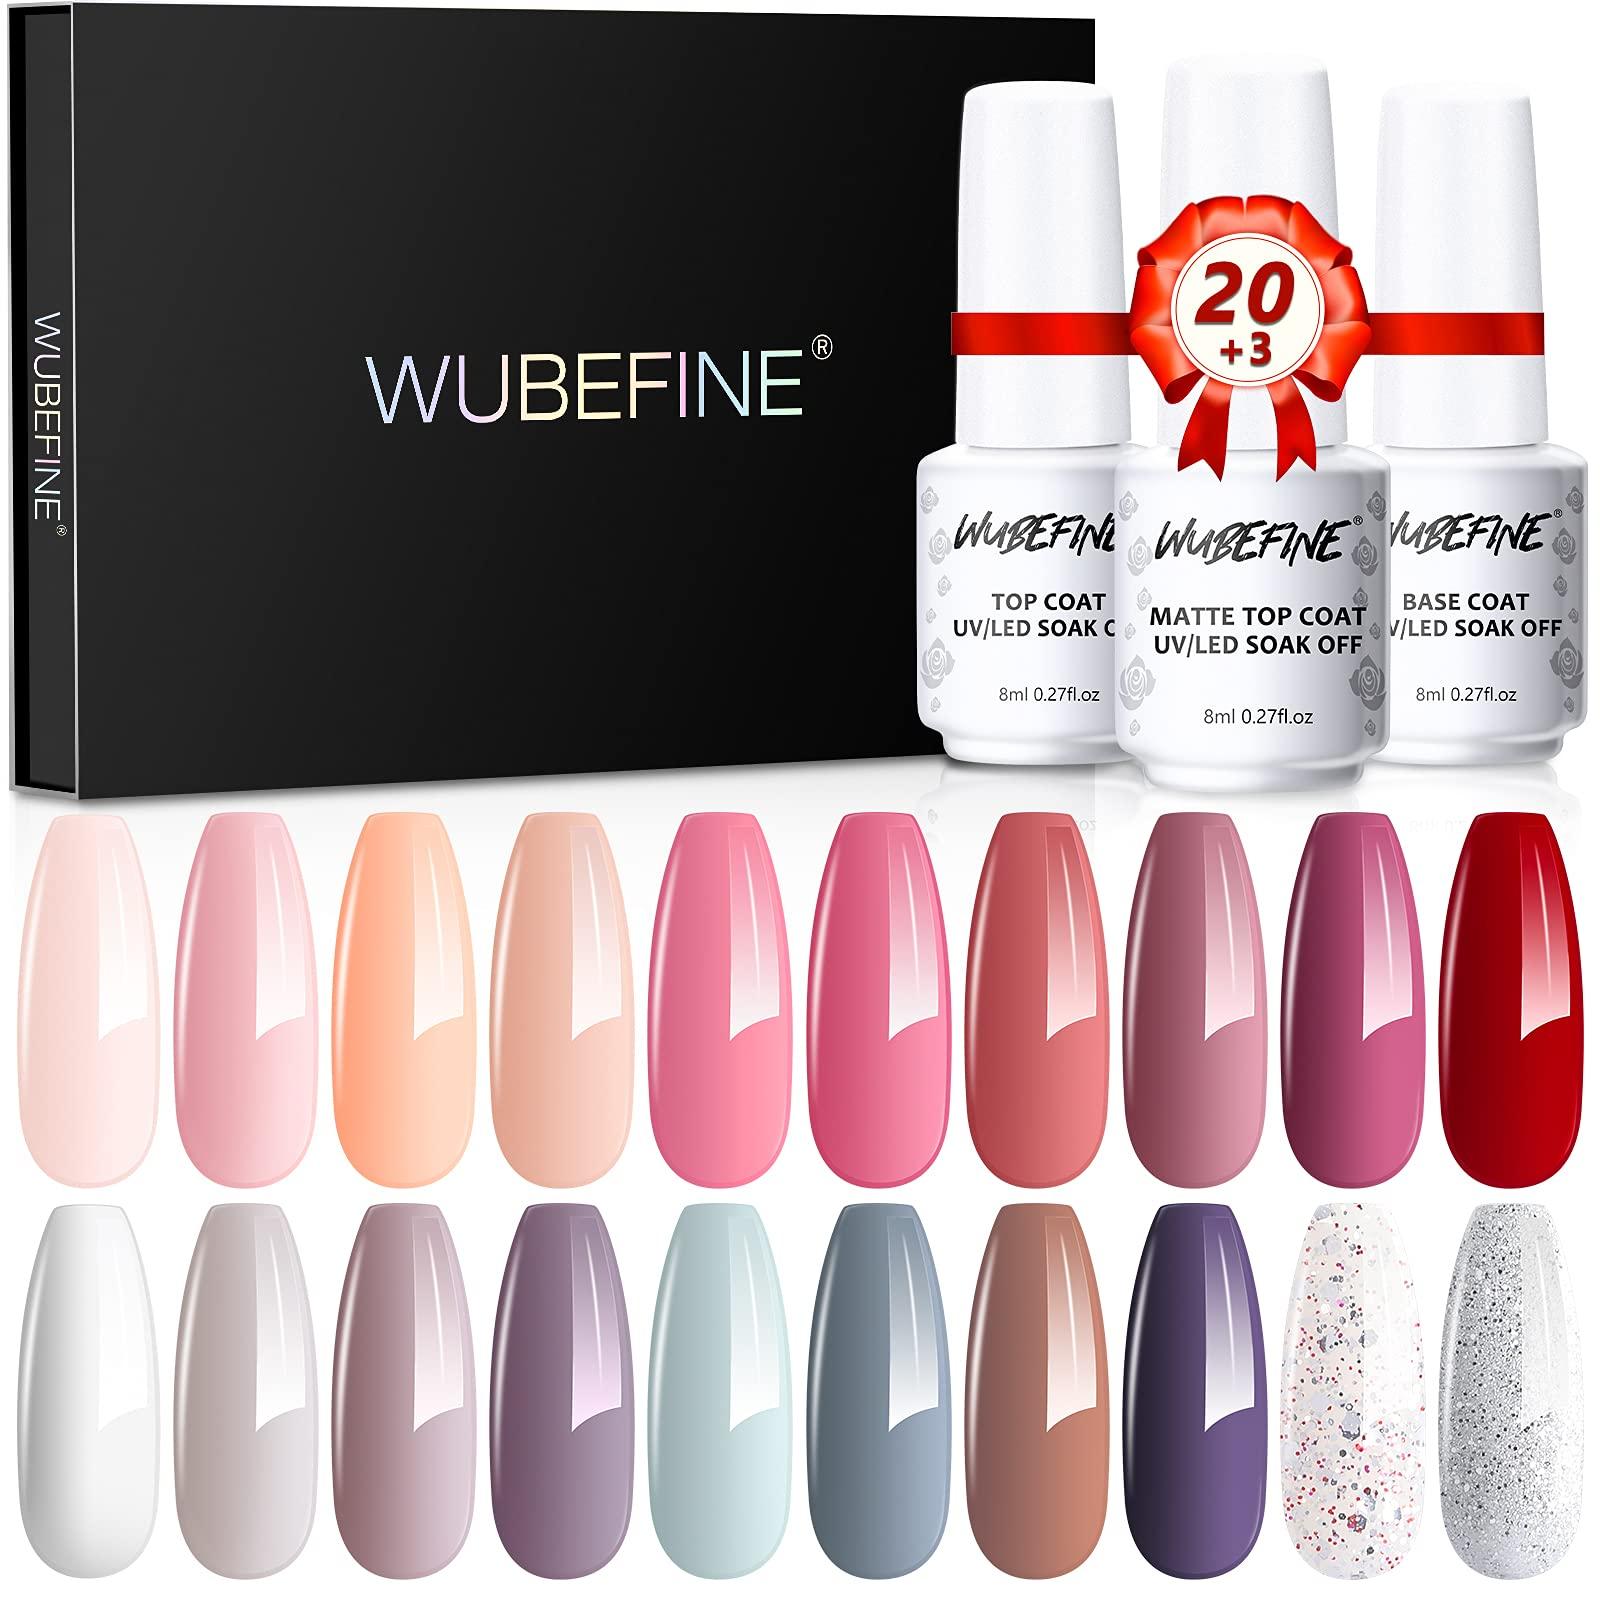 WUBEFINE 23Pcs Gel Nail Polish Kit Soak Off Gel Nail Polish Set